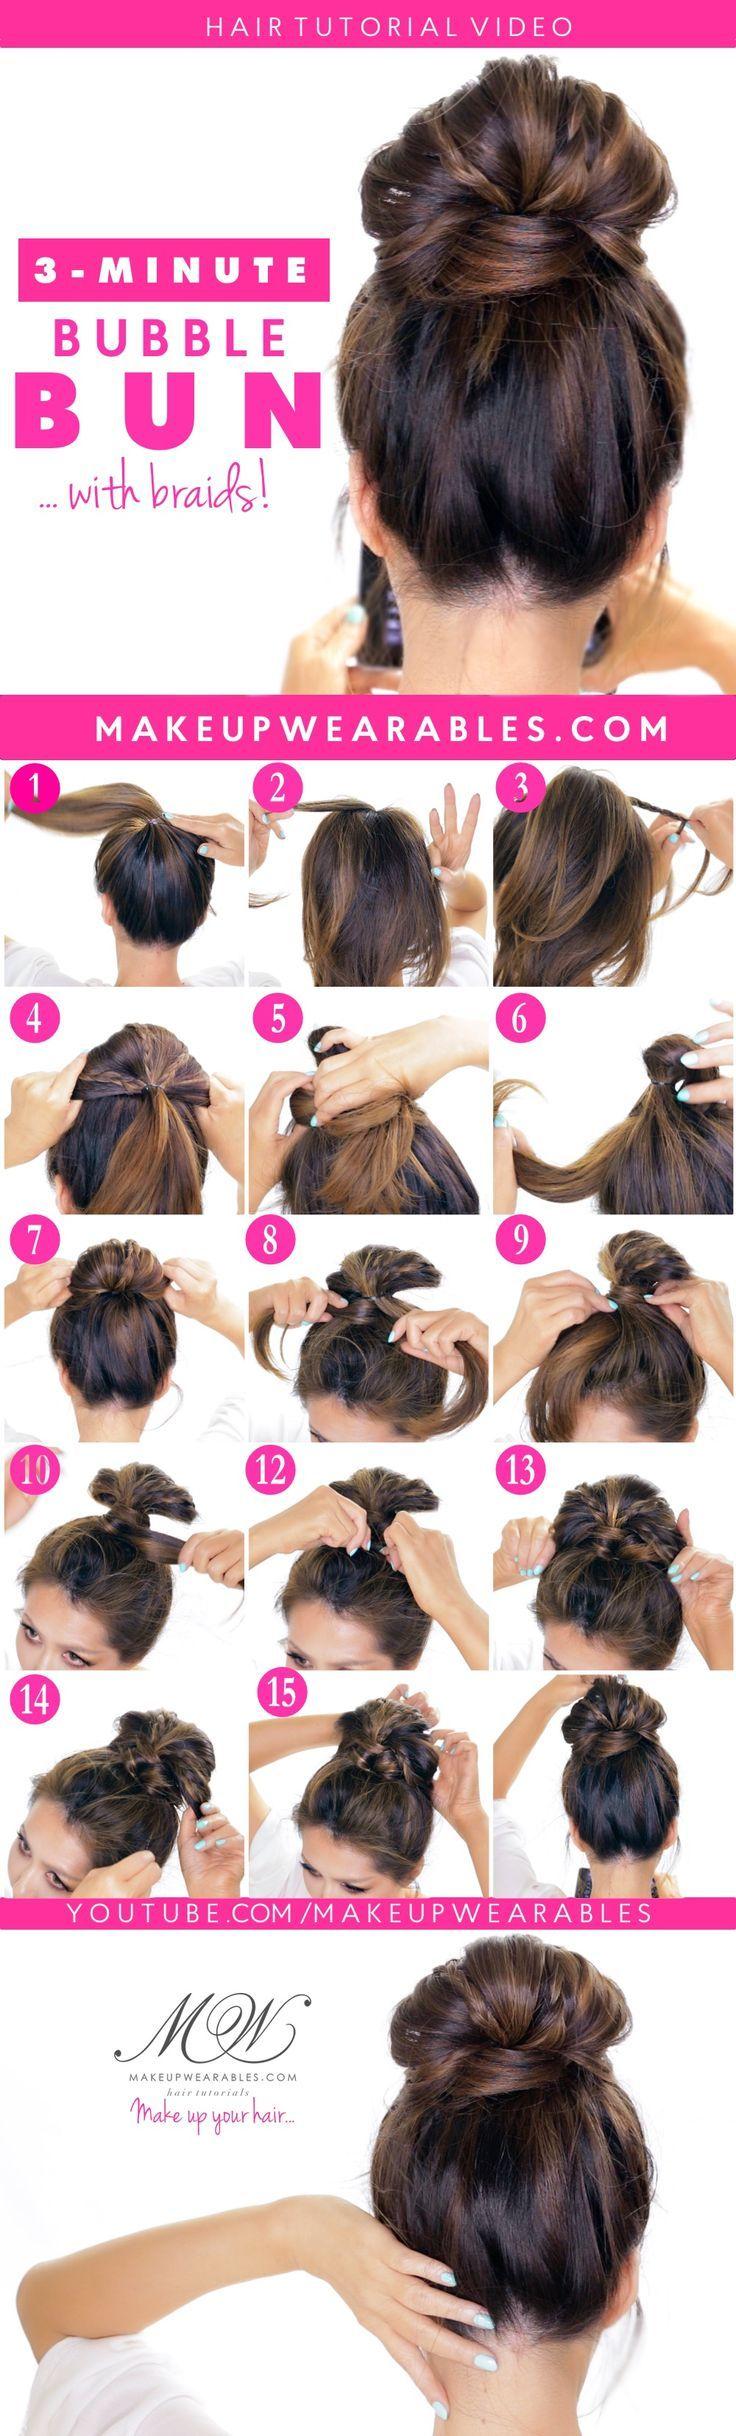 Easy Bubble Bun with Braids!  Cute Updo Hairstyles | #hair #style Nail Design, Nail Art, Nail Salon, Irvine, Newport Beach